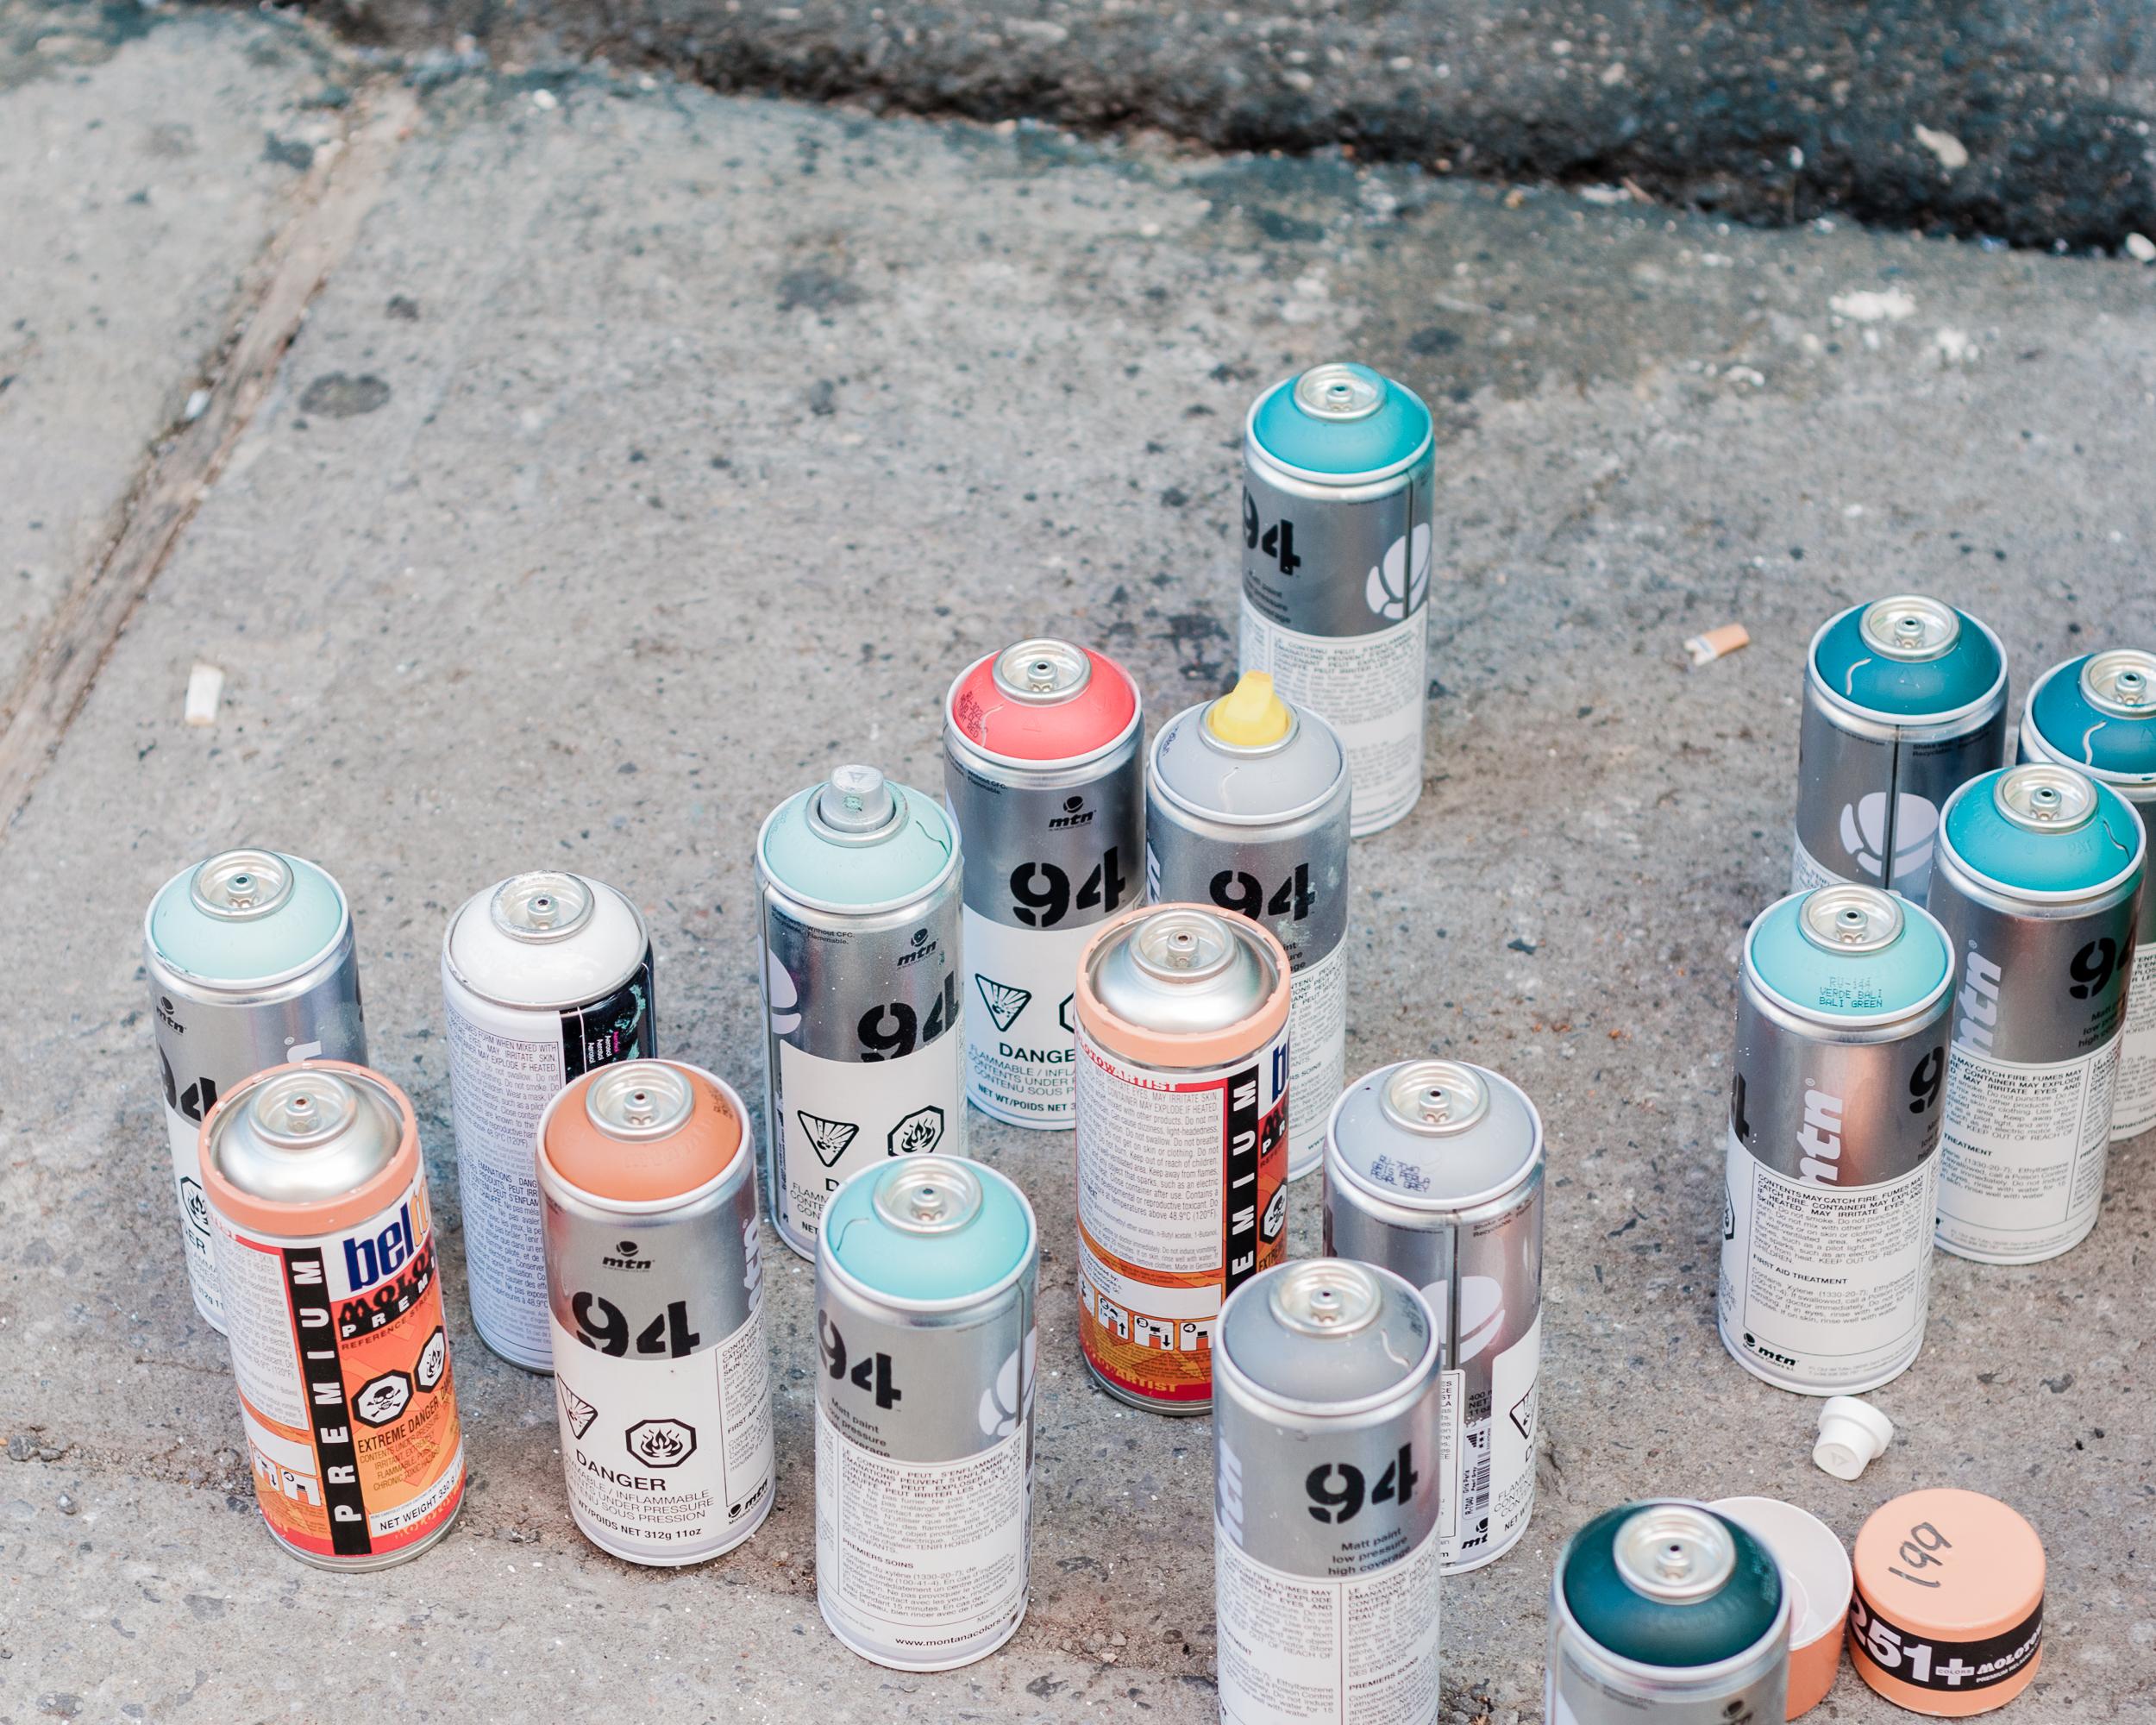 Under Pressure 2014:  Spray paint